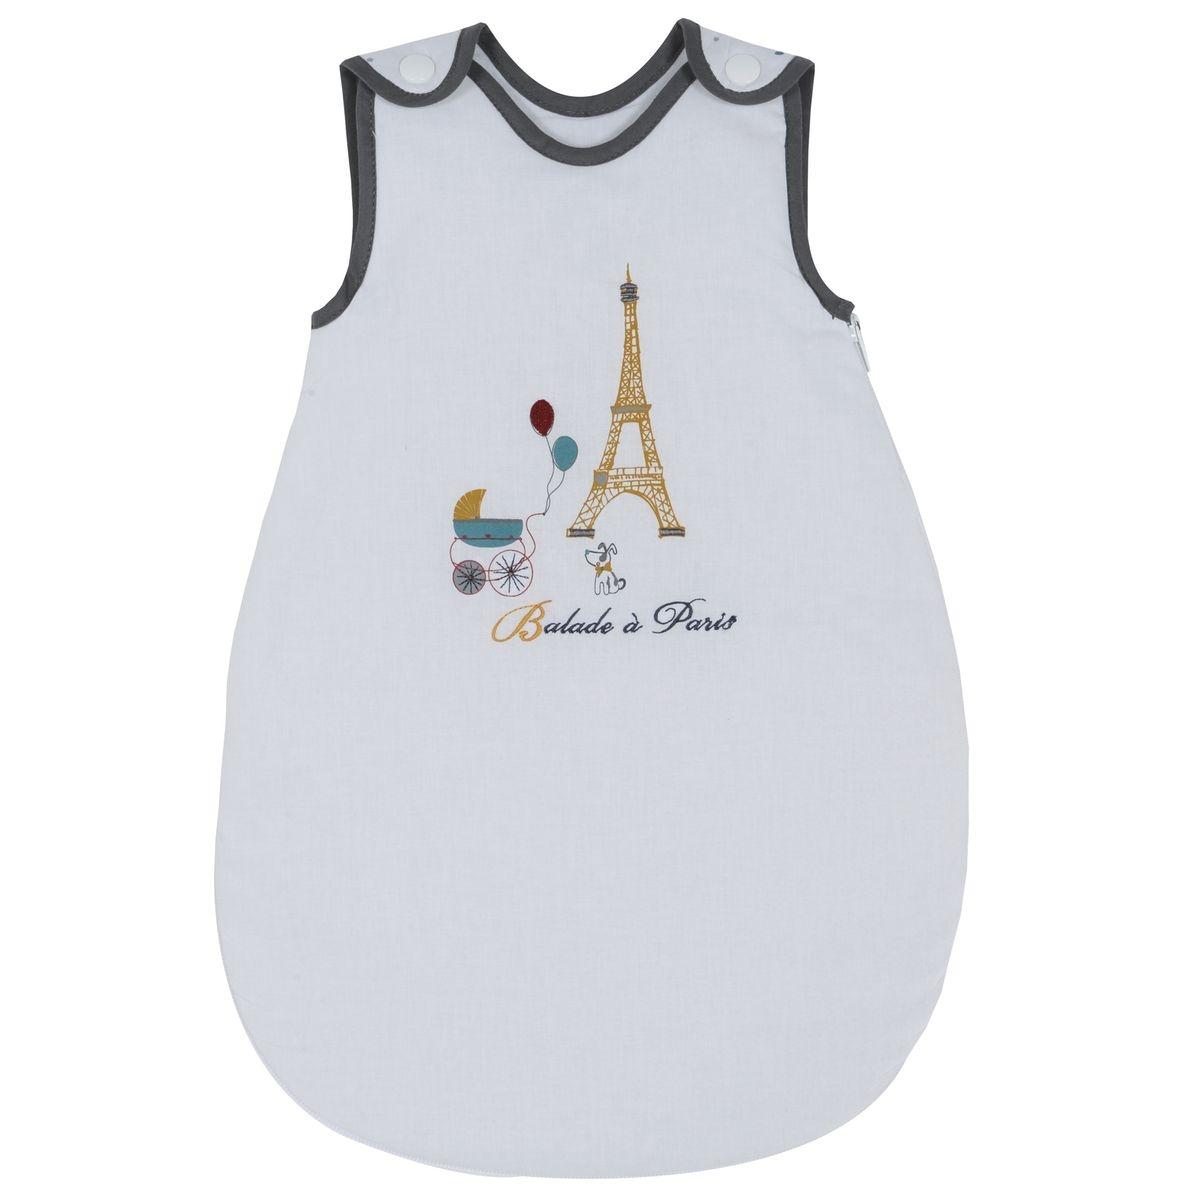 Gigoteuse nourrisson P'tit Basile Collection 'Little Paris' - 0-1 mois - Blanc